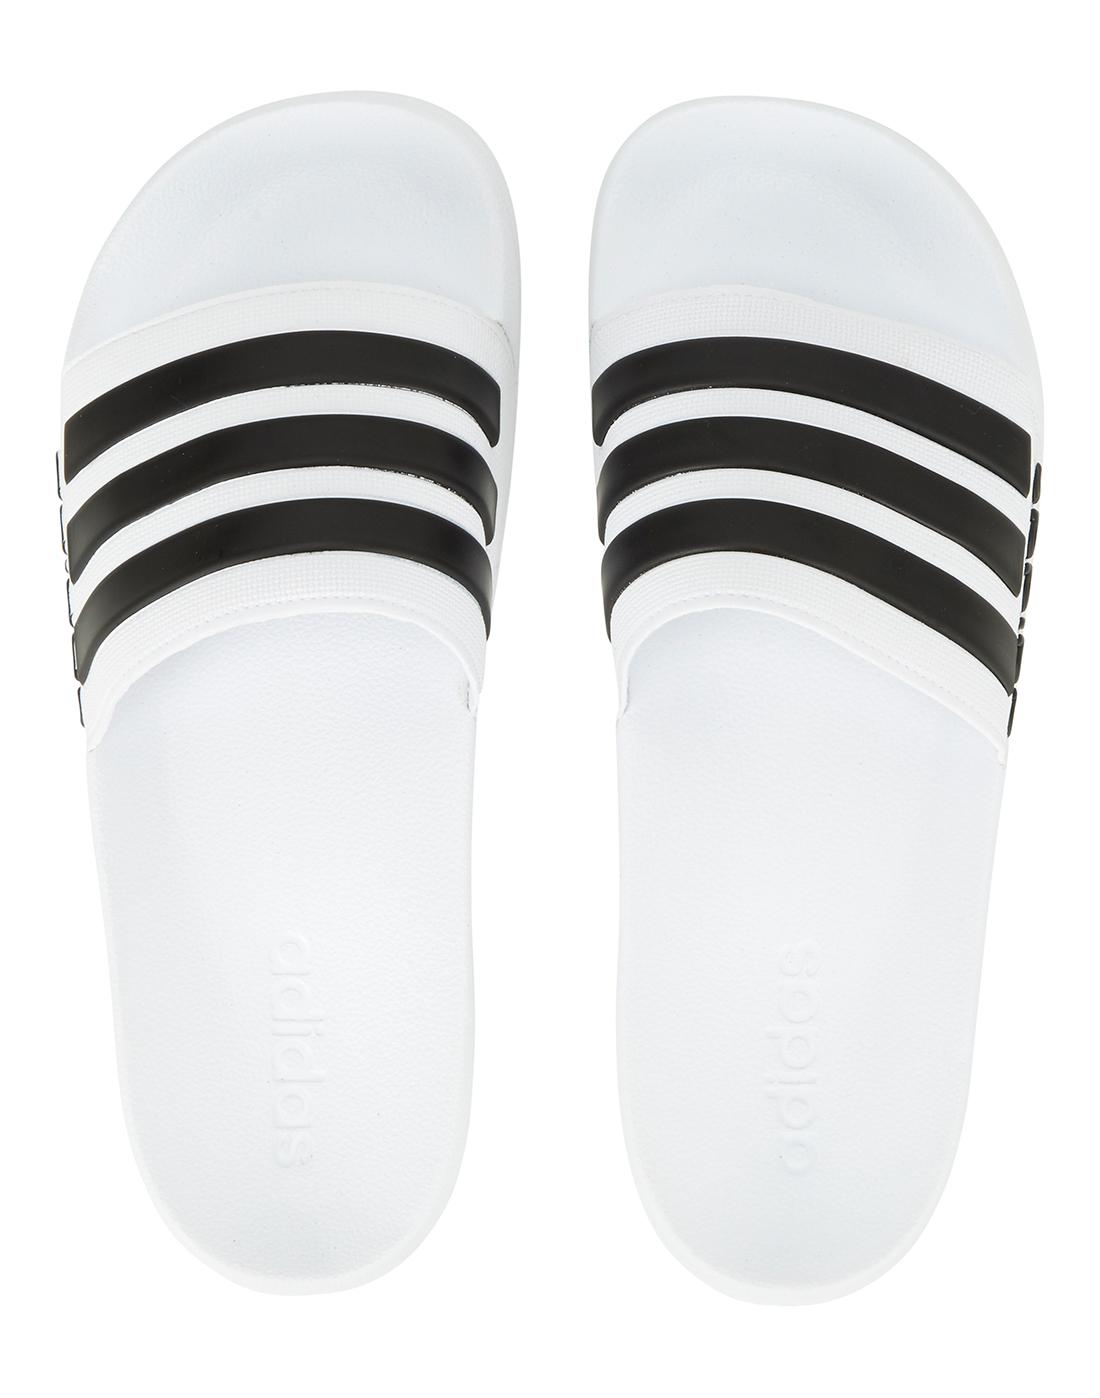 c700a4c96 adidas Originals. Mens Adilette Shower Slides. Mens Adilette Shower Slides  ...